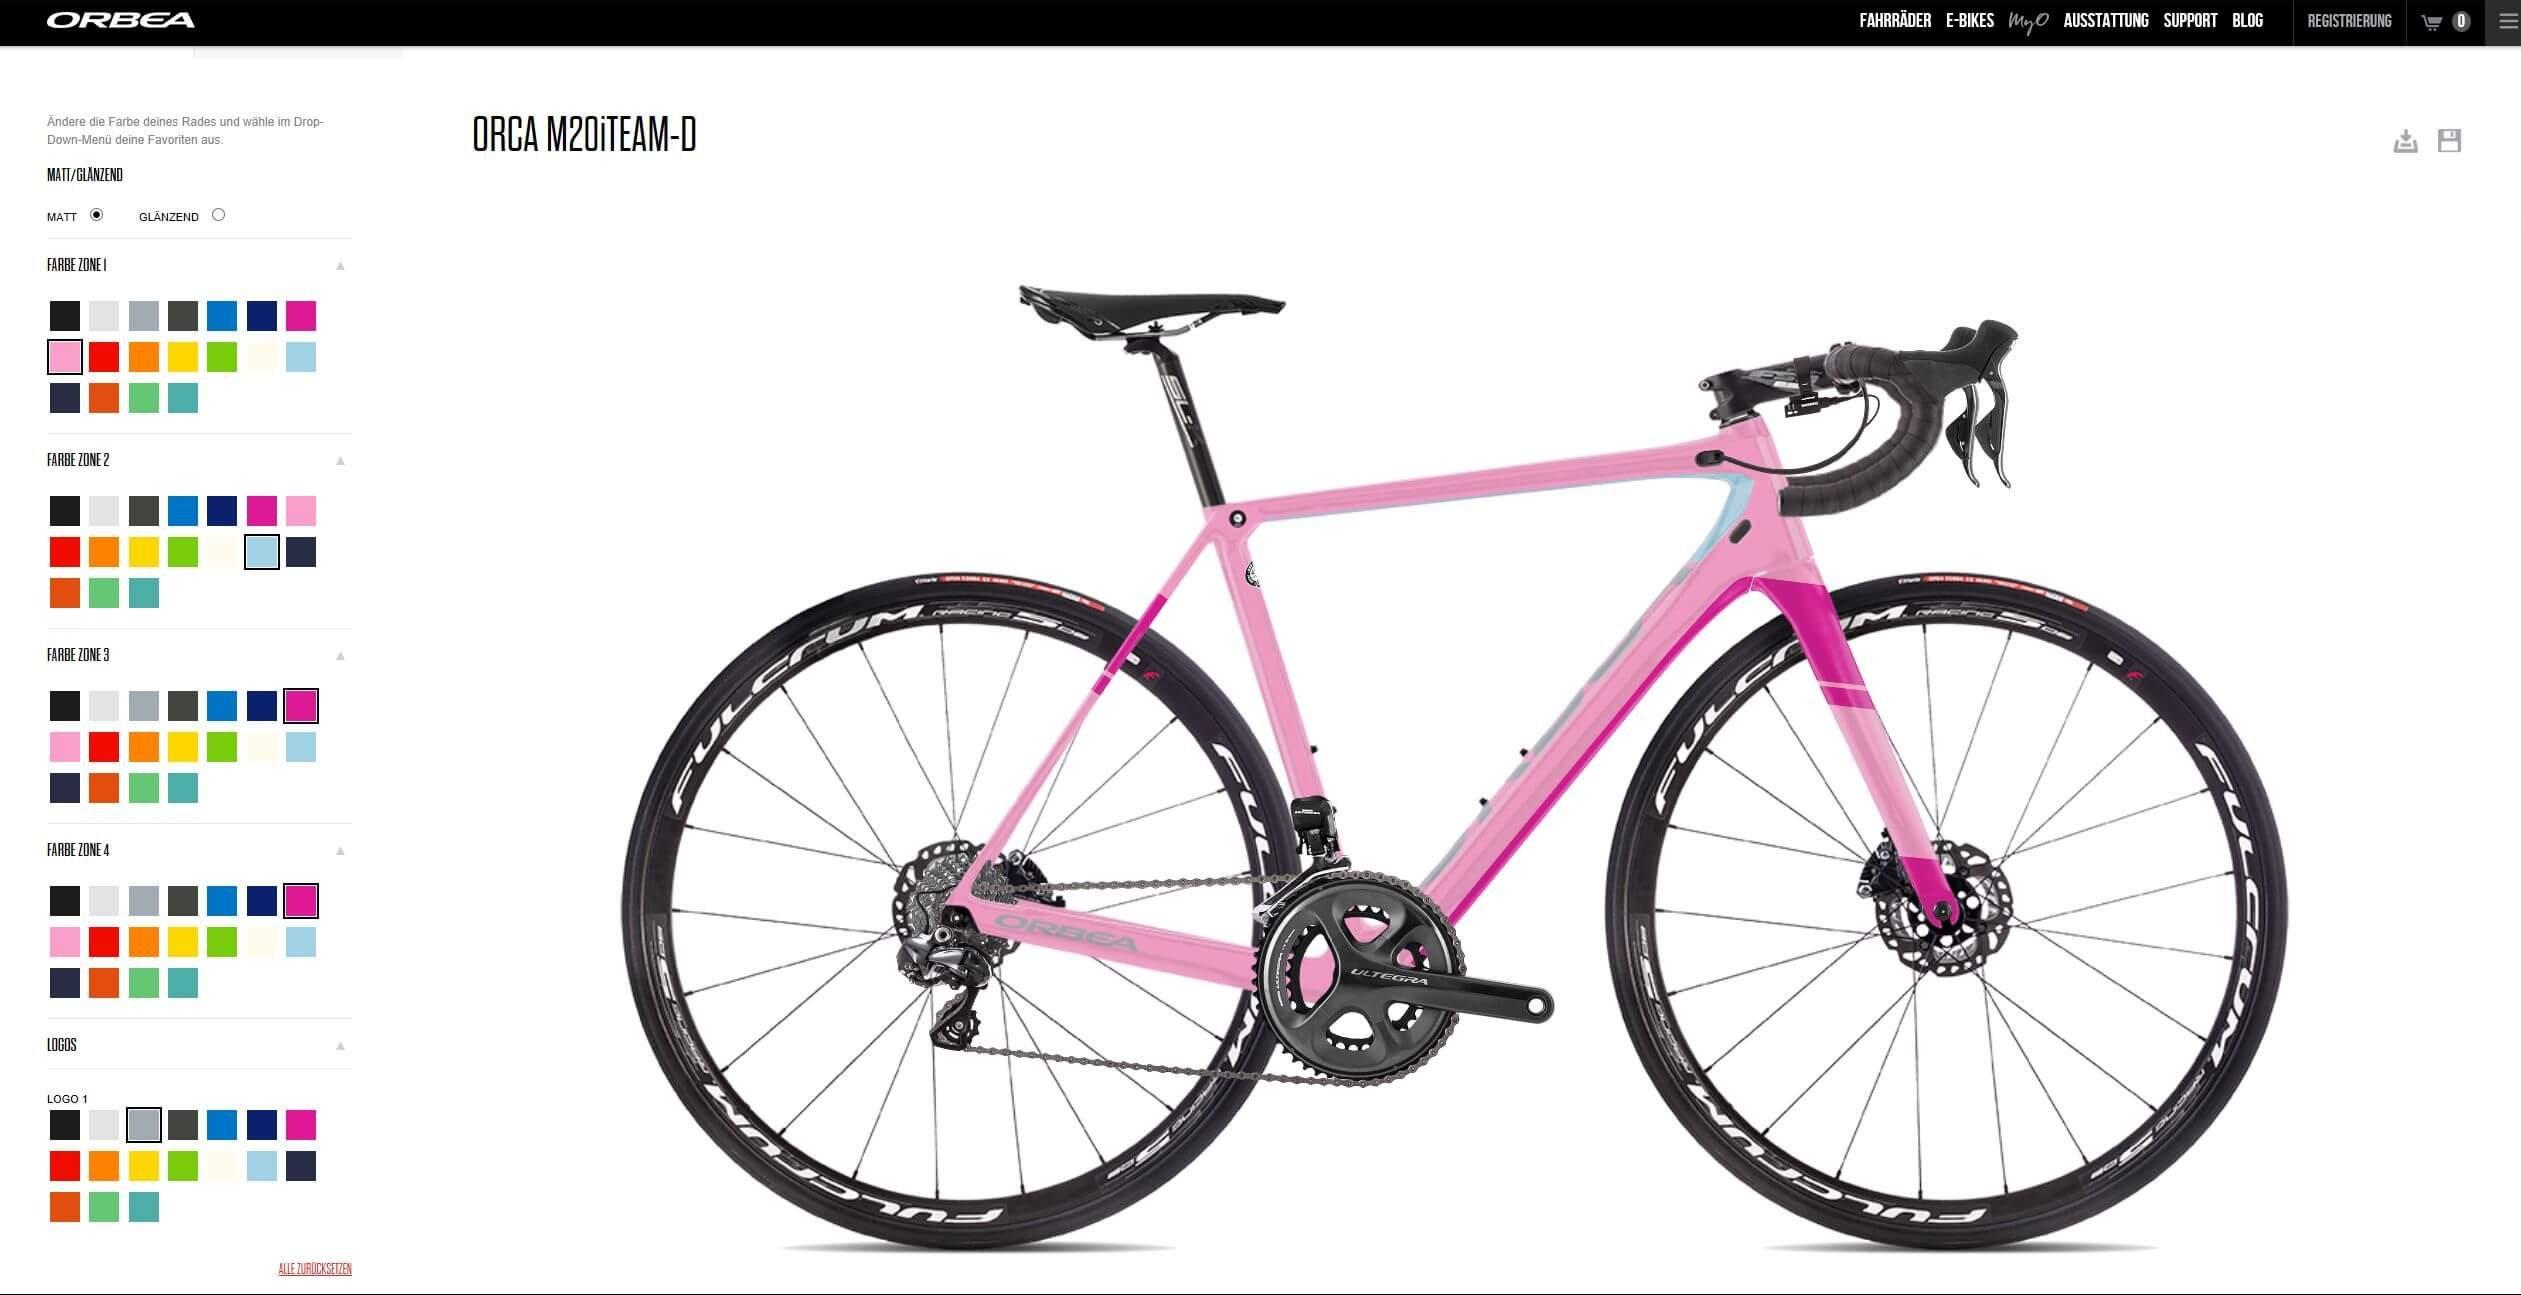 Orbea MyO - von Pink bis Blau stehen insgesamt jeweils 18 Farbfelder zur Verfügung